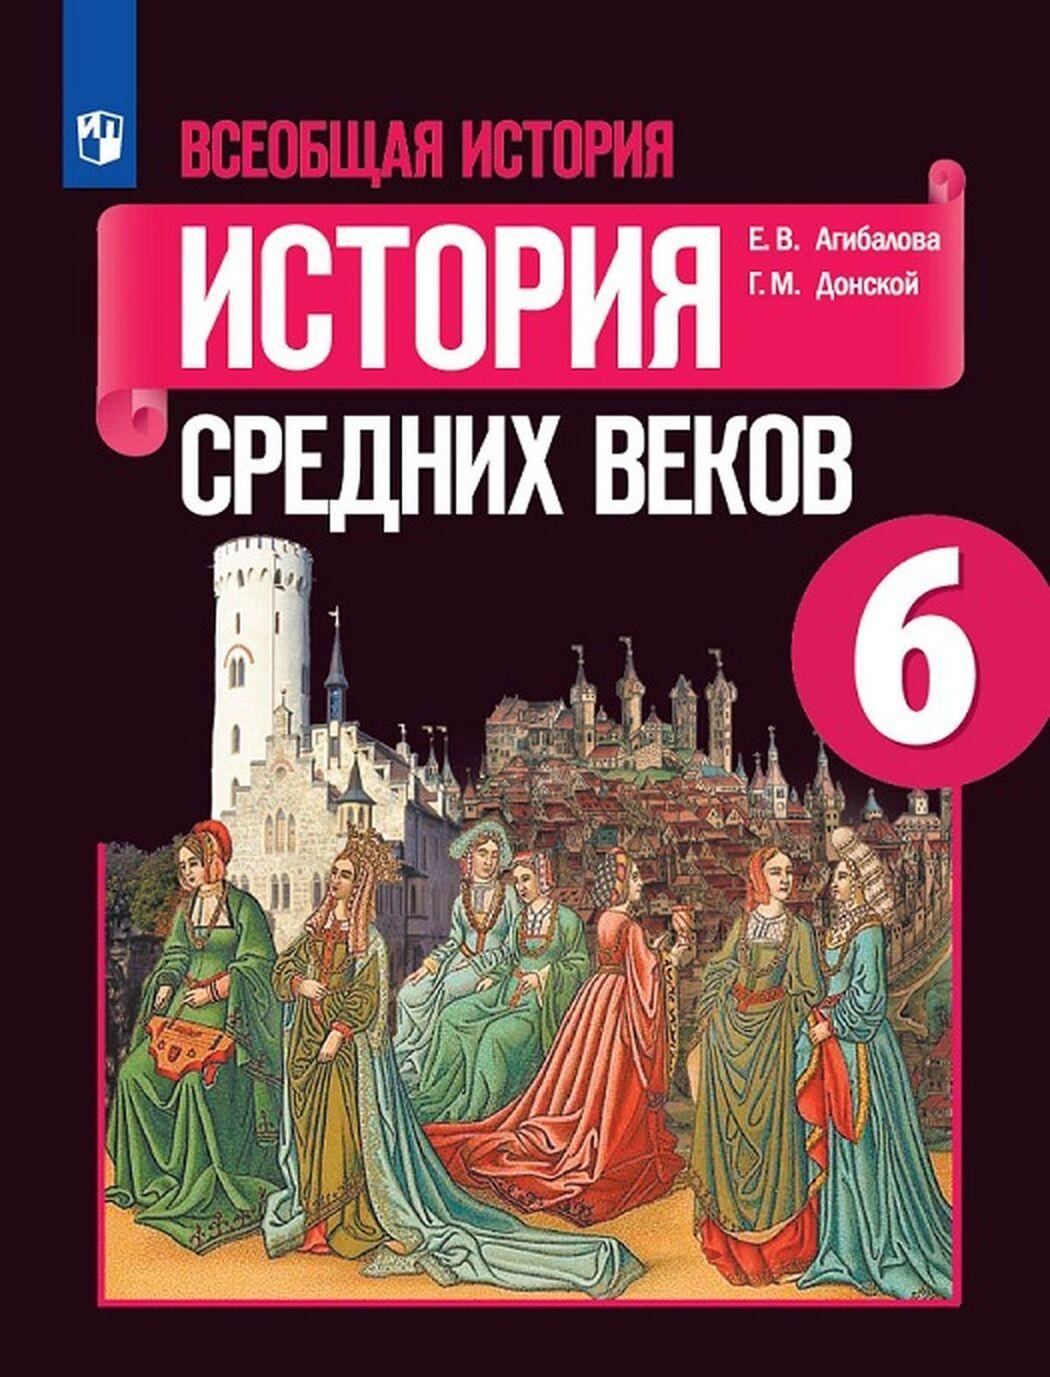 Vseobschaja istorija. Istorija Srednikh vekov. 6 klass.